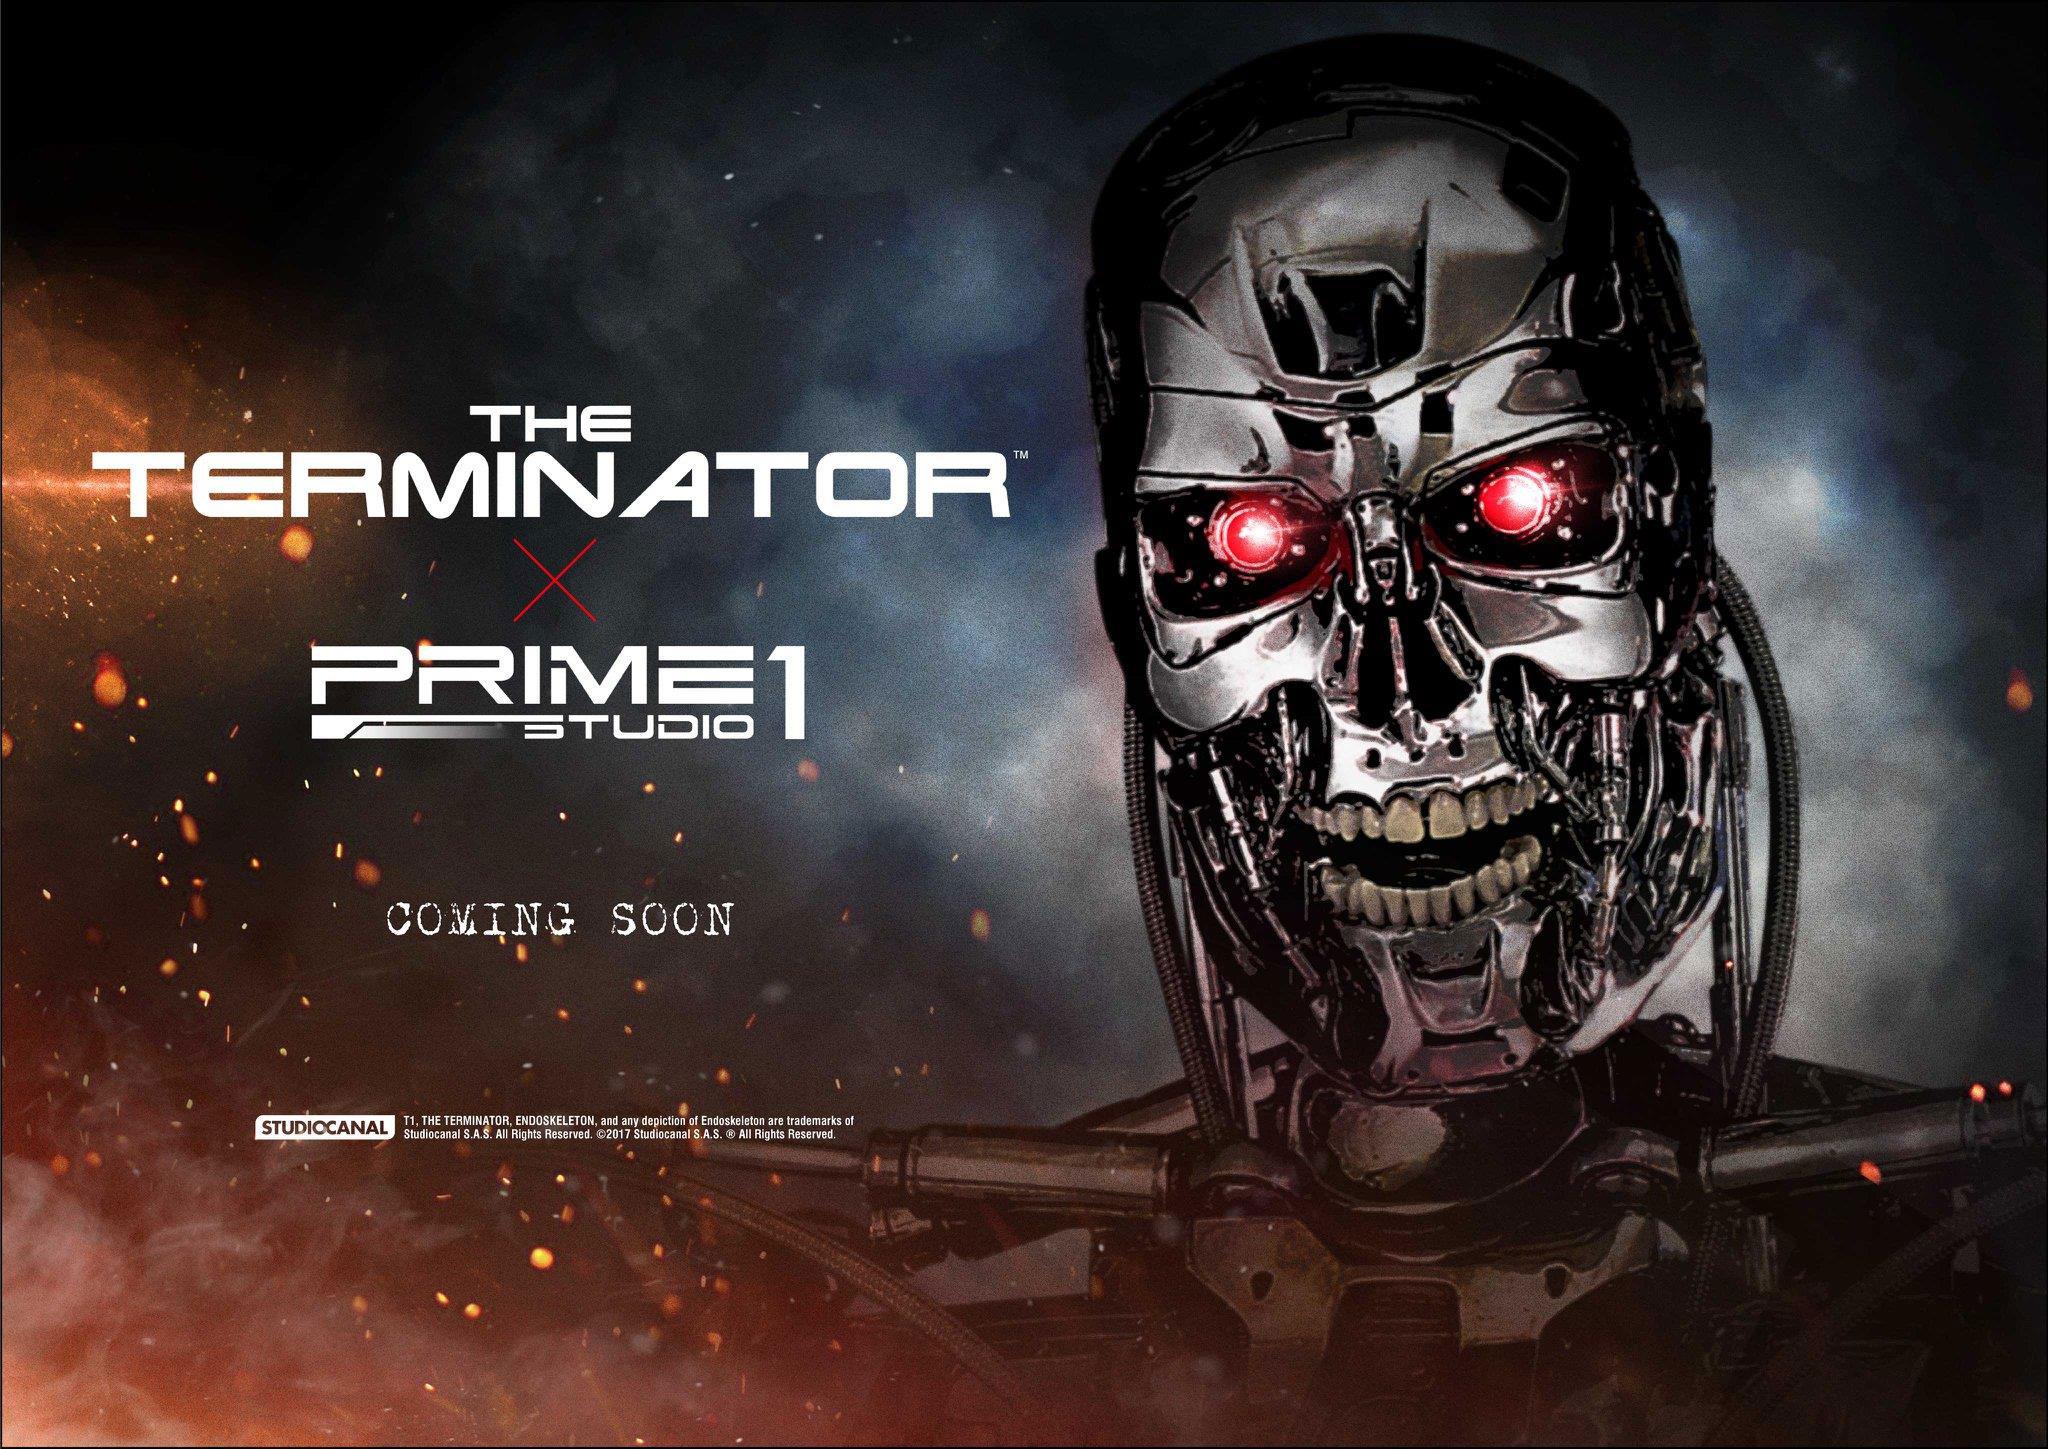 prime-1-studio-the-terminator-preview